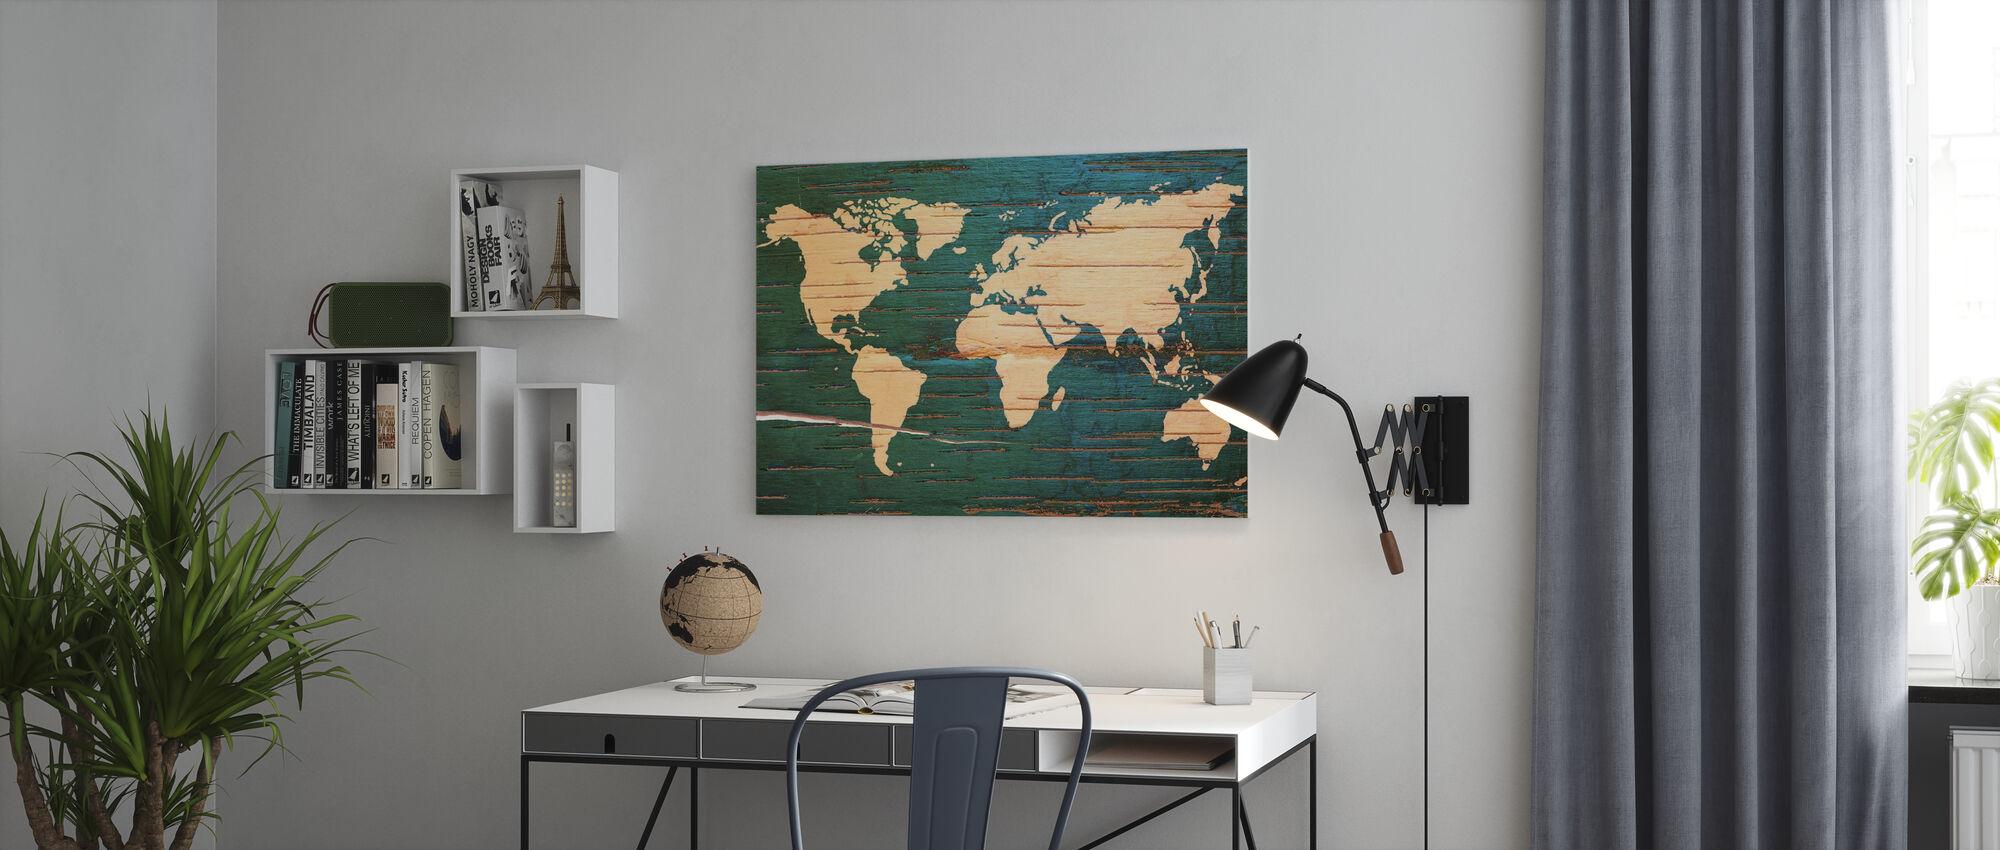 Weltkarte auf Holzwand - Leinwandbild - Büro